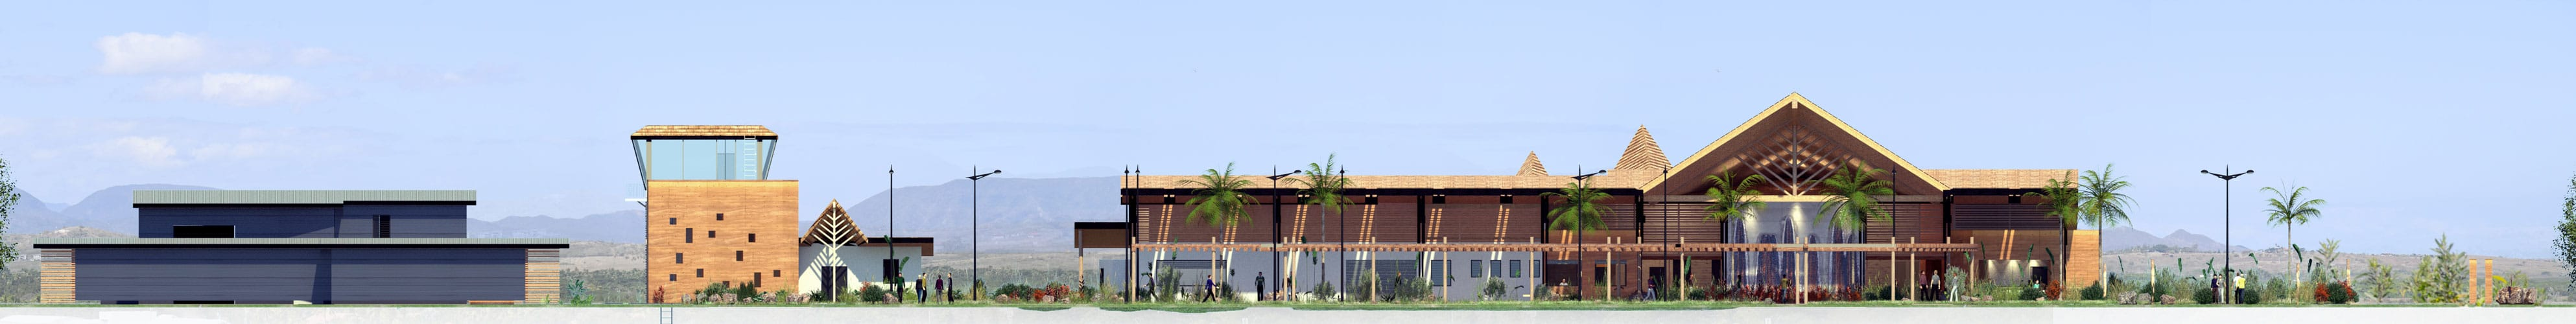 Illustration Concours Architecture Aérodrome de Koné, Façade Nord